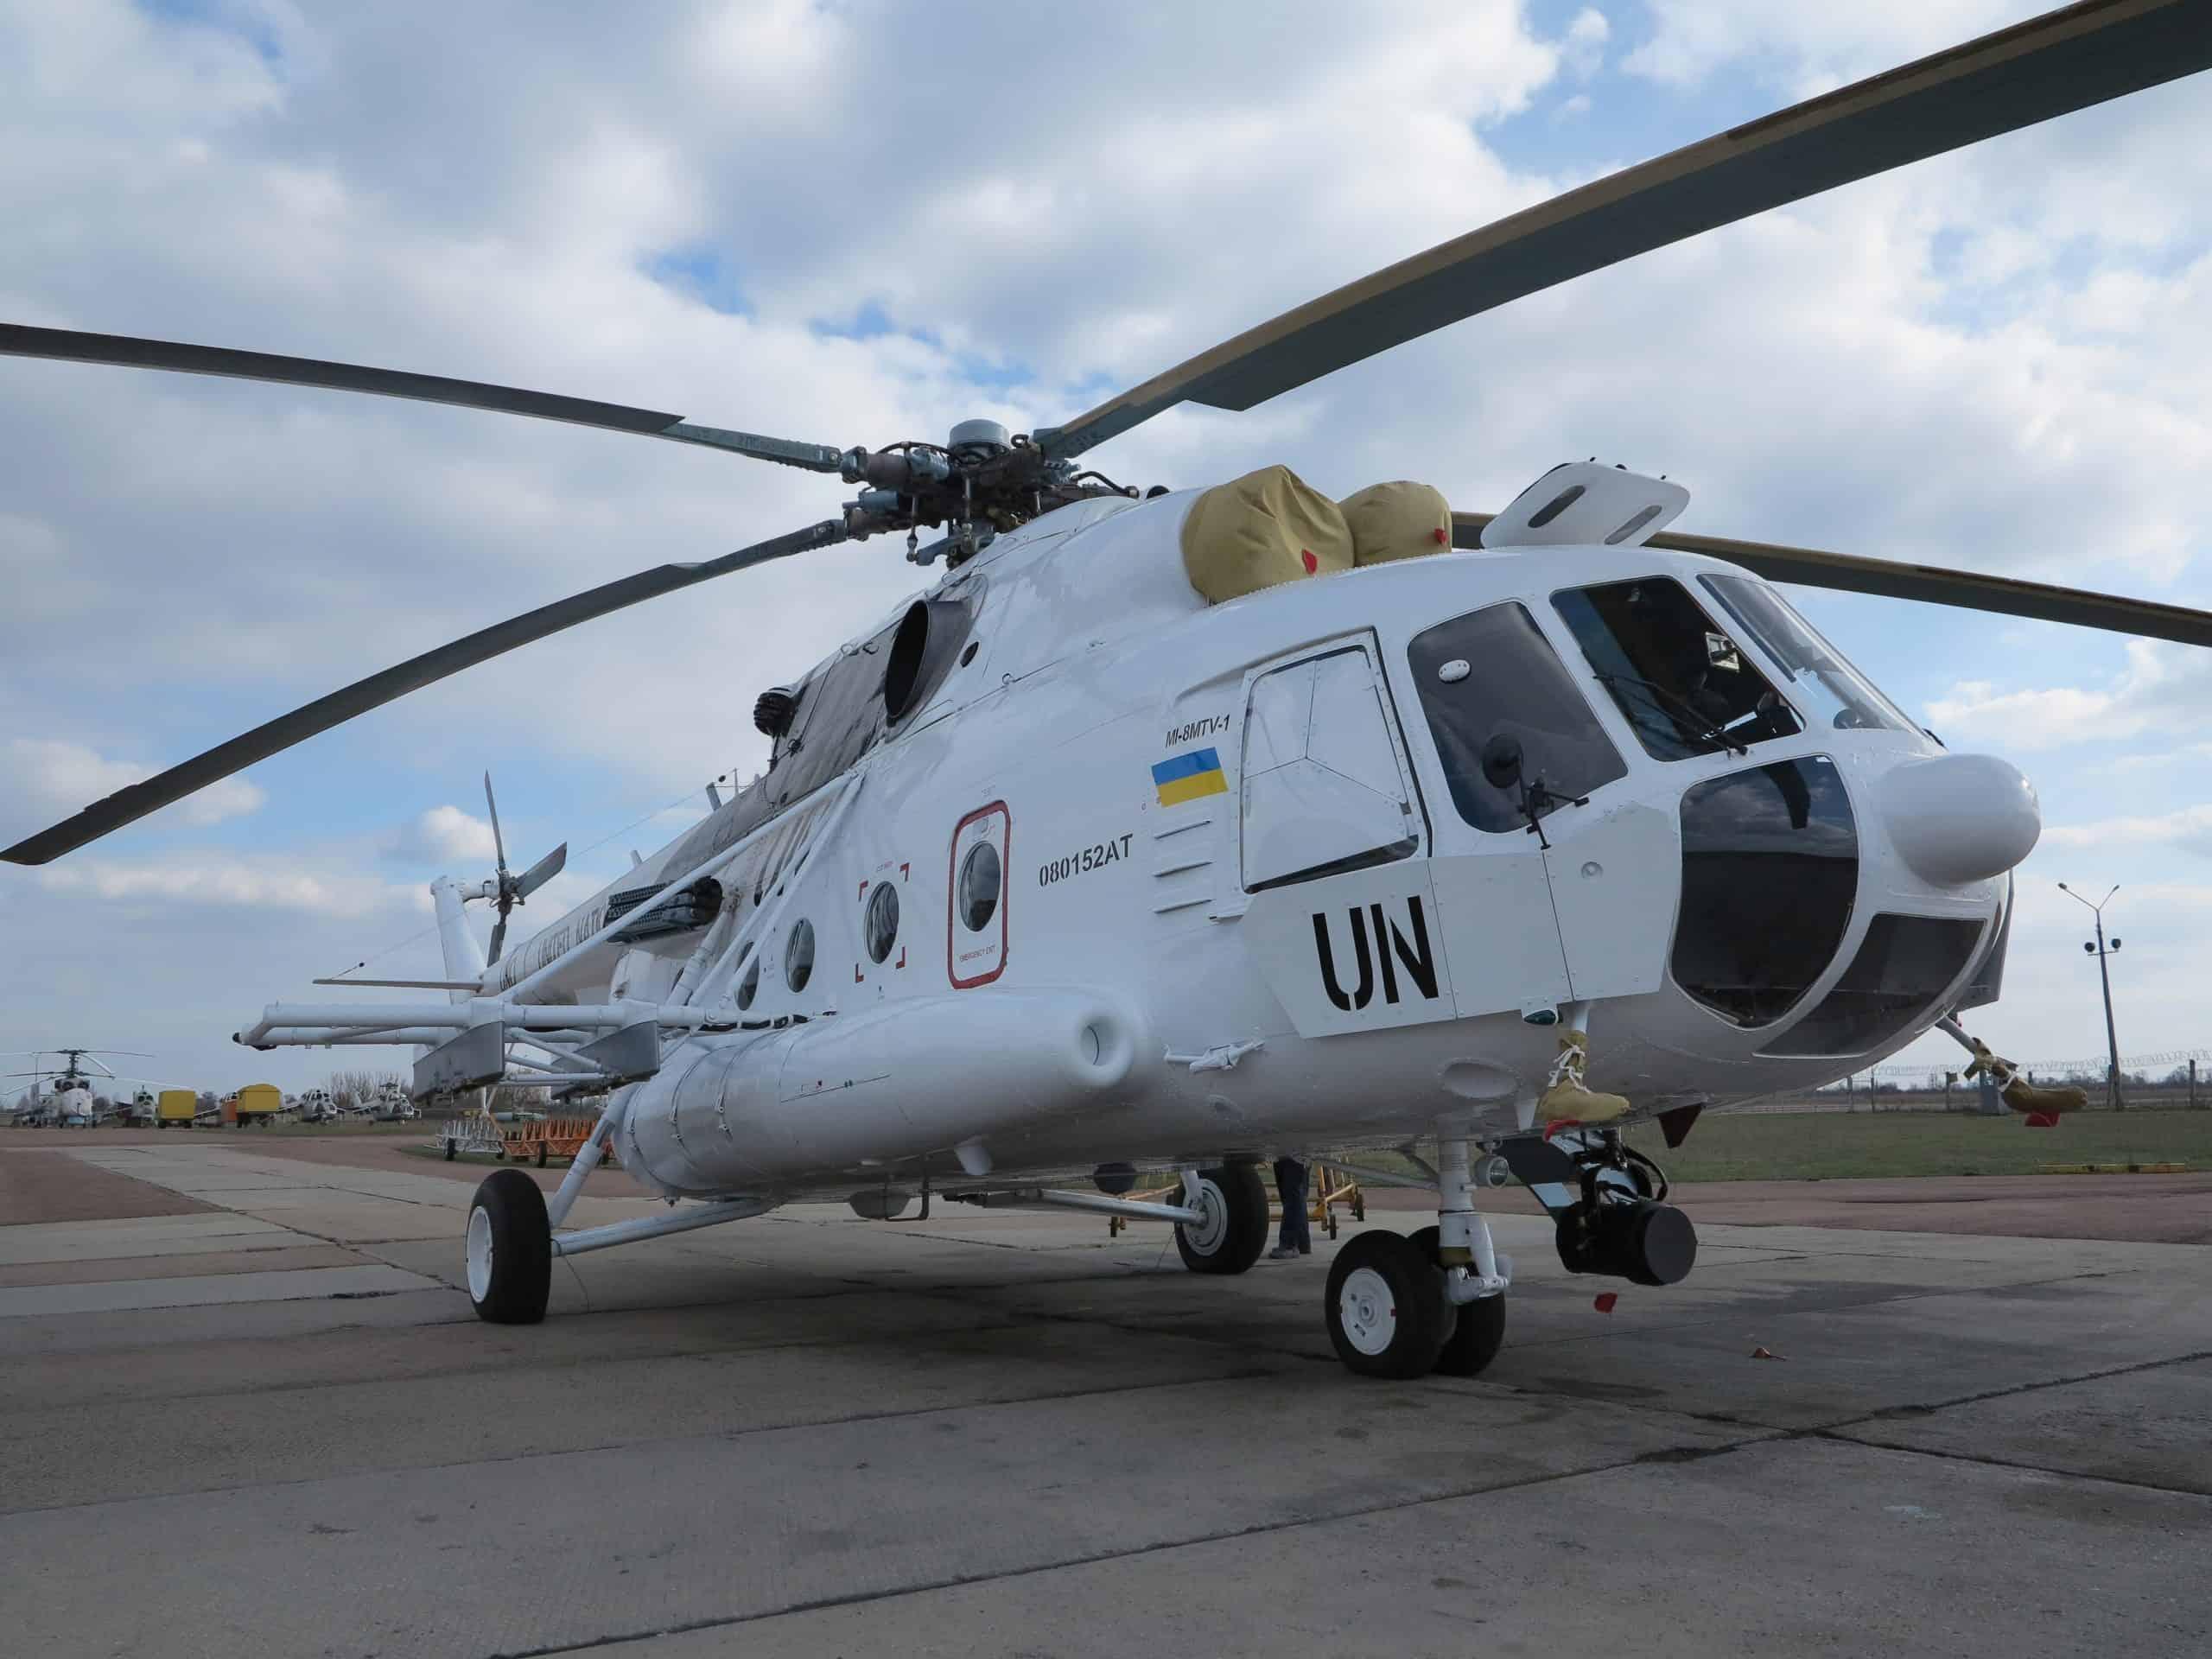 Мі-8 МТВ-1 переданий до Сухопутних військ ЗСУ